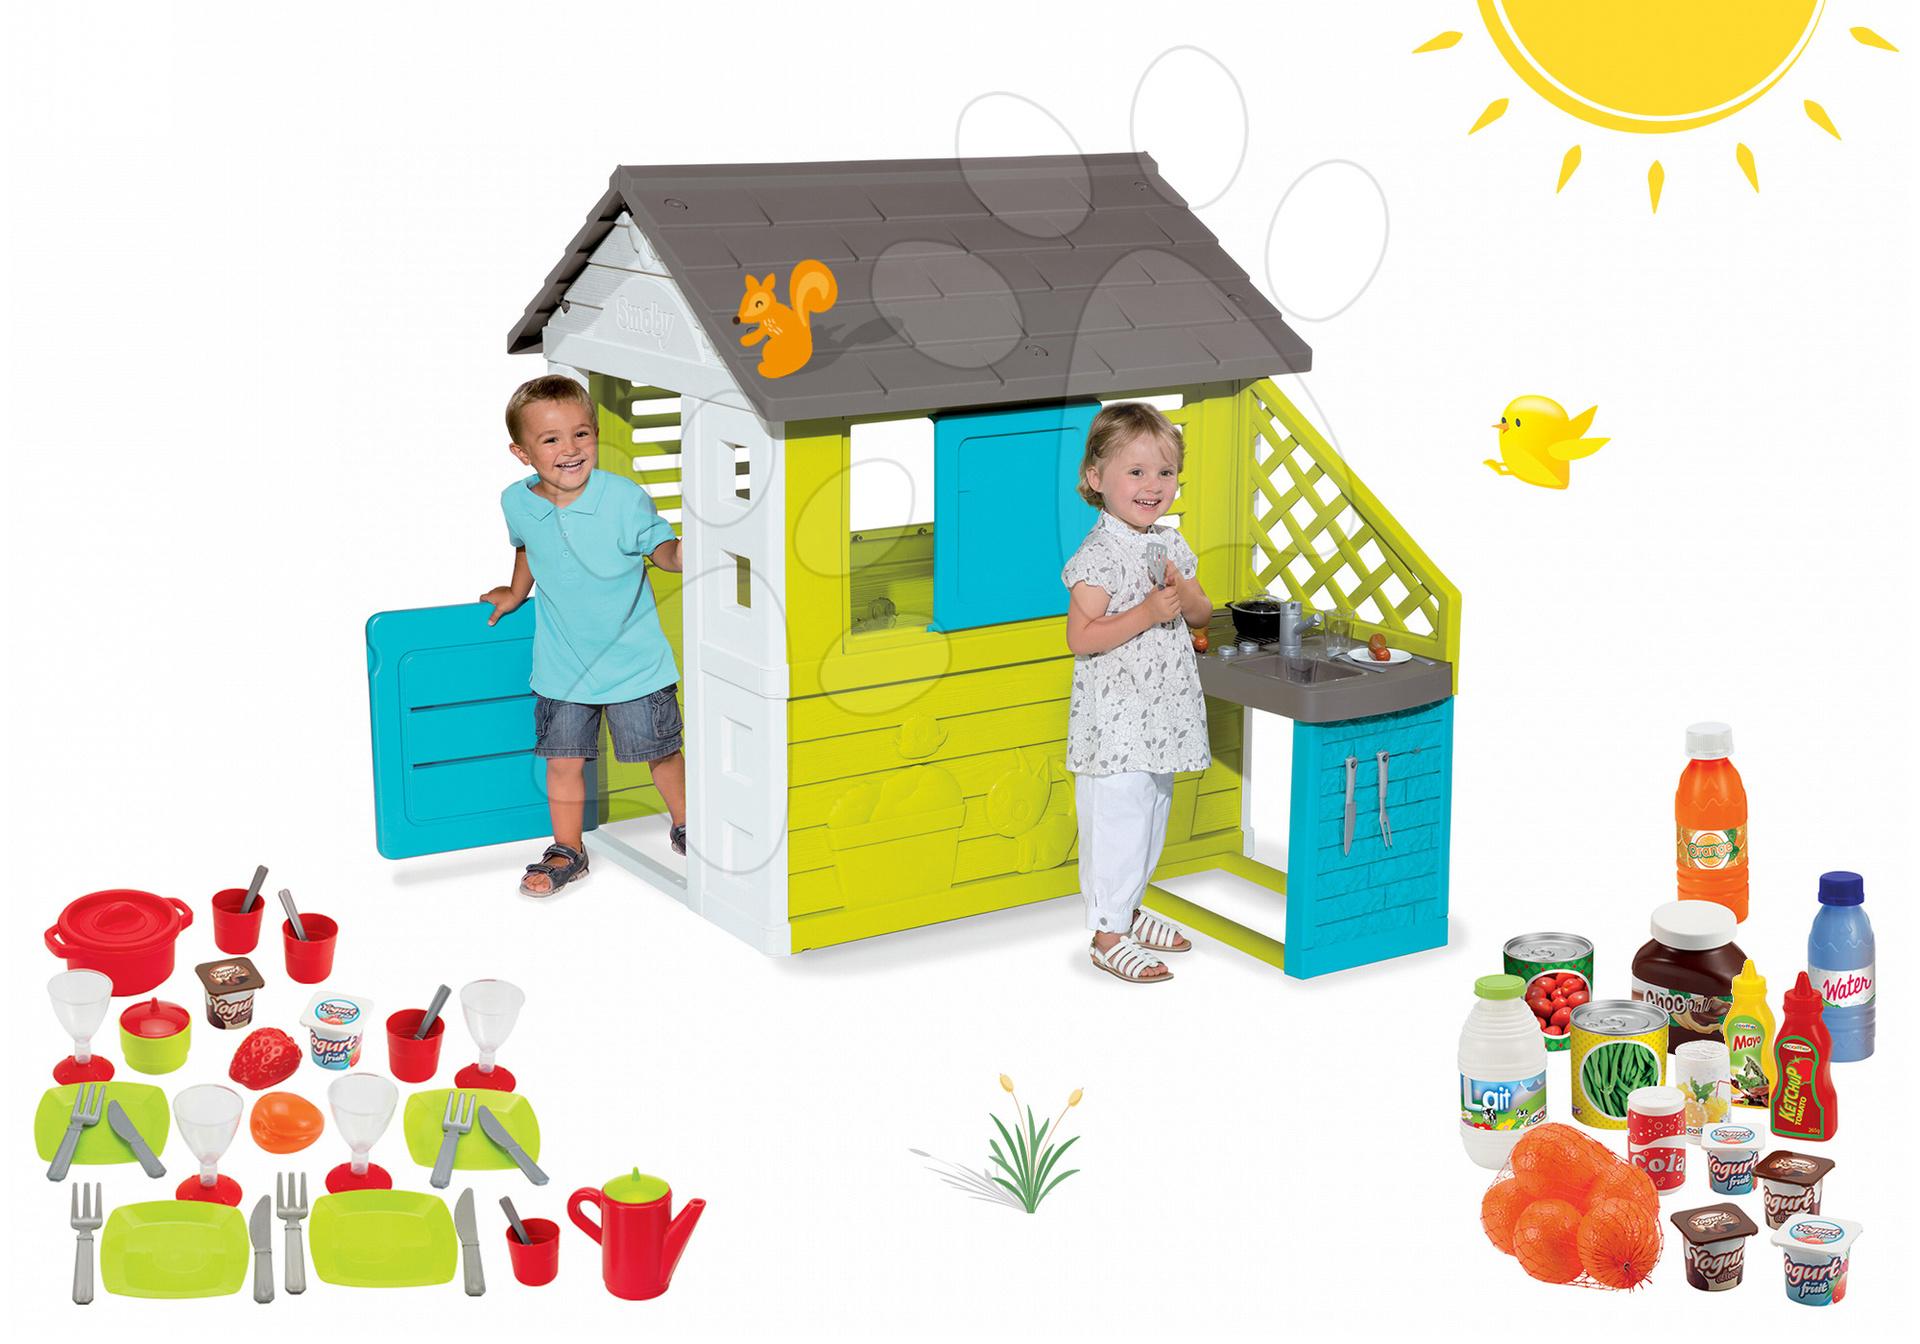 Smoby set domeček Pretty Blue a Écoiffier jídelní sada a potraviny 810703-15